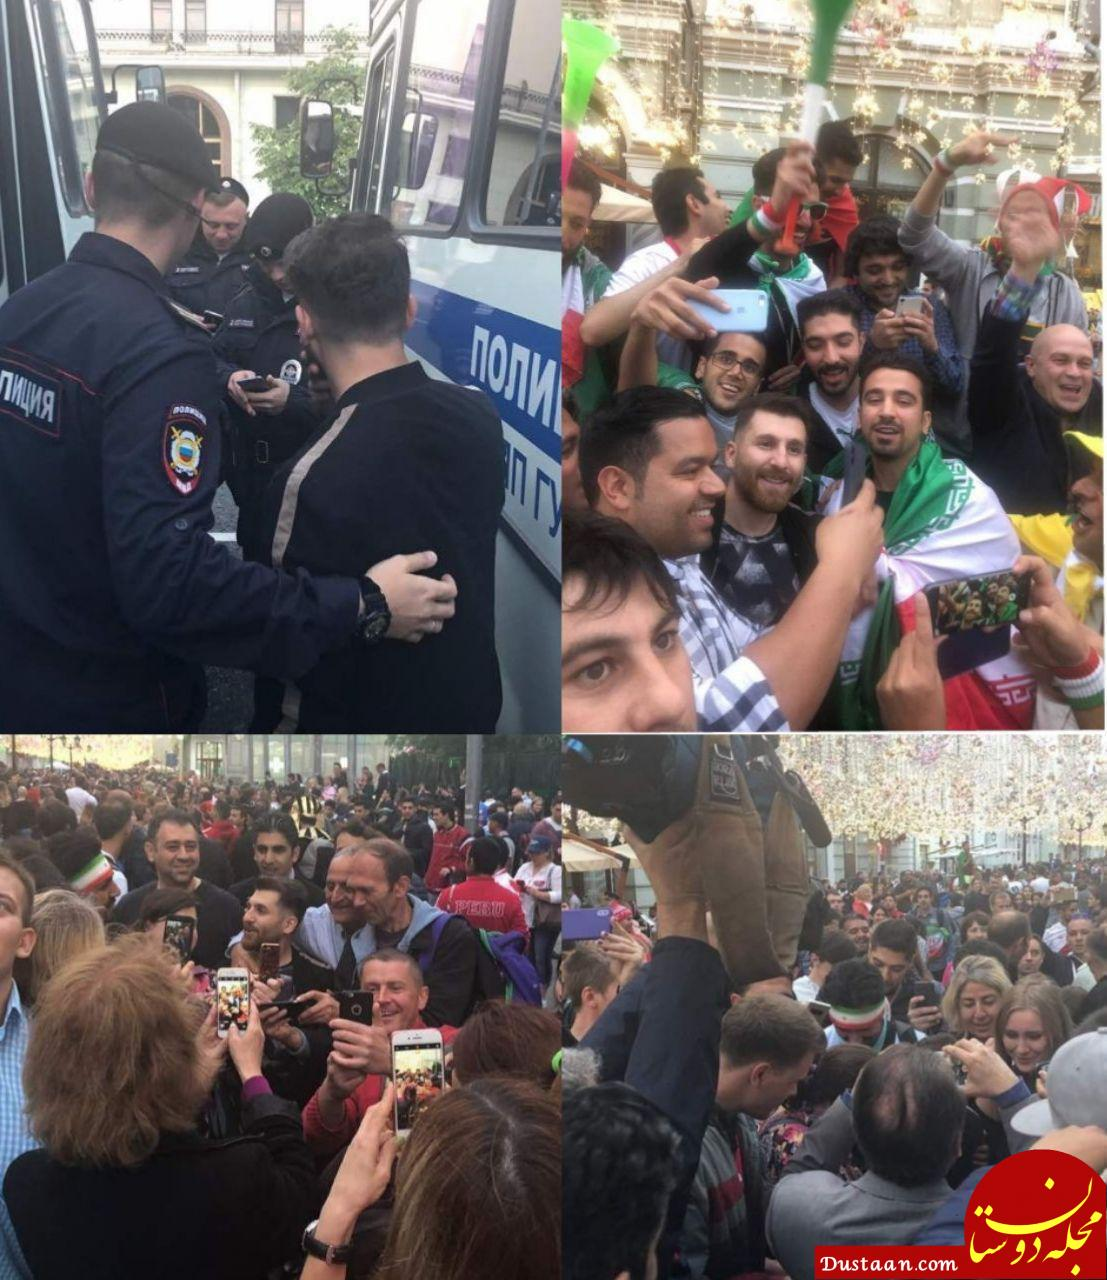 www.dustaan.com هجوم روس ها برای گرفتن سلفی با مسی ایرانی! +تصاویر